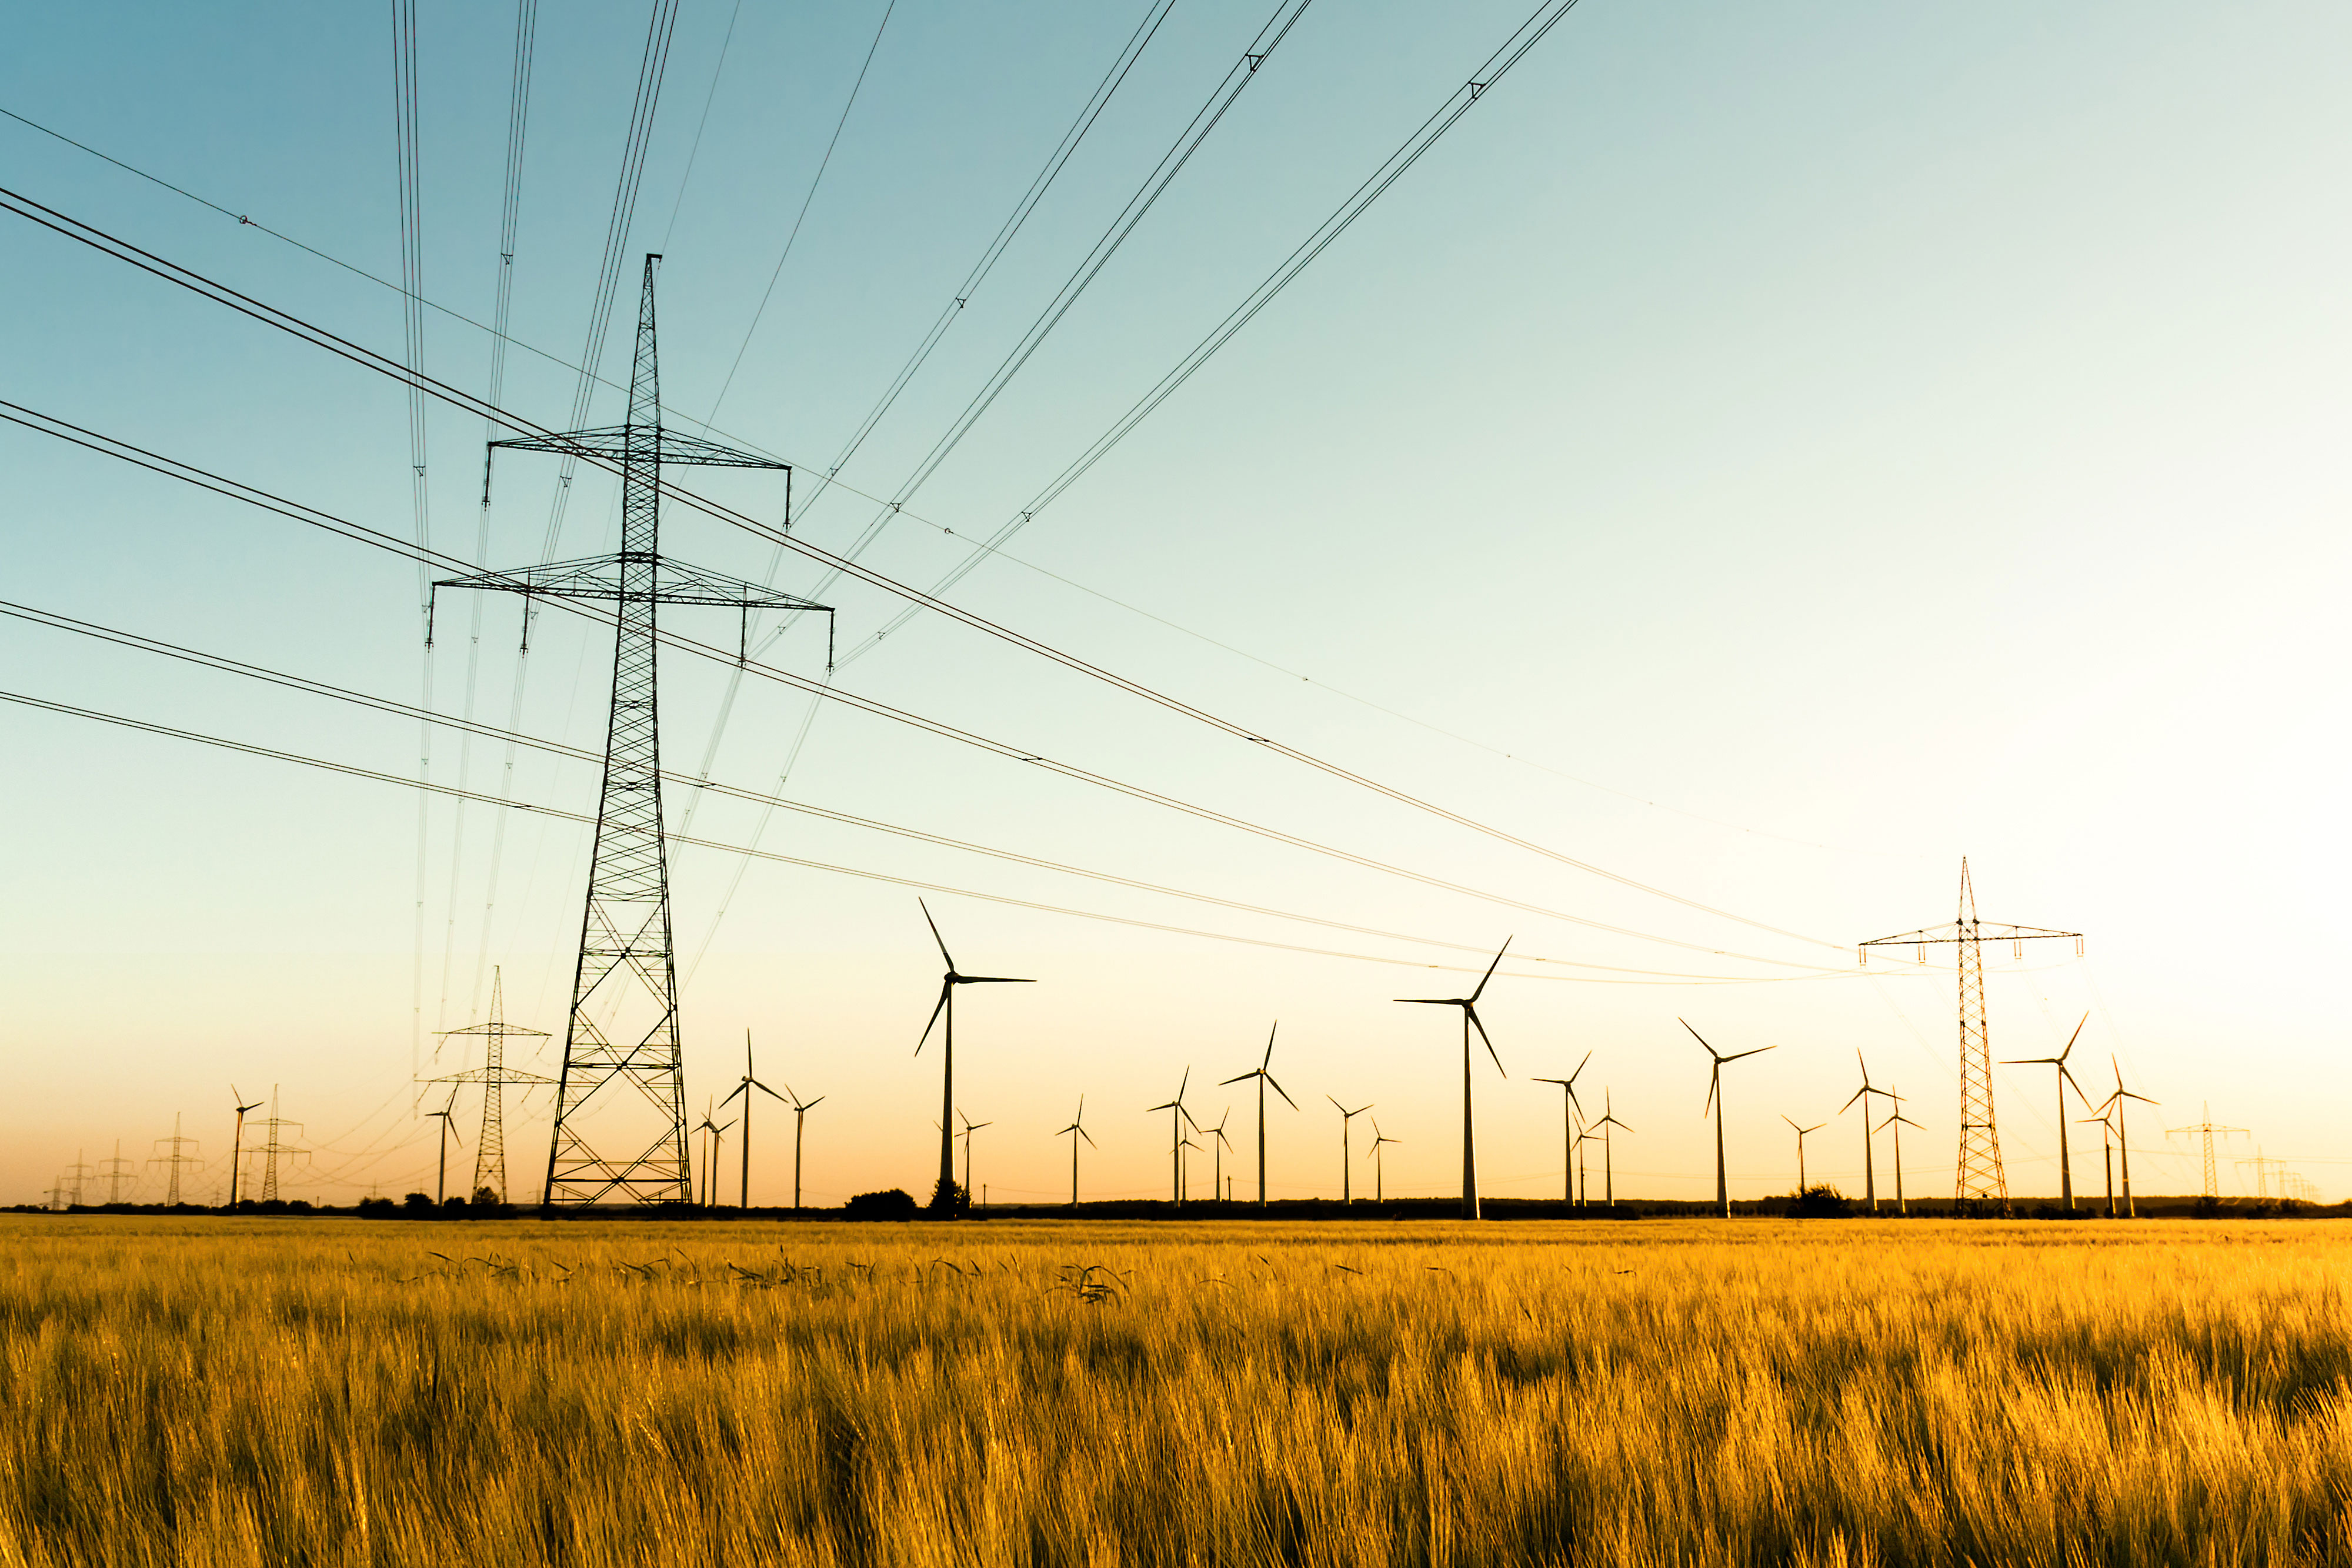 Strommasten, Kornfeld und Windräder im herbstlichen Gegenlicht